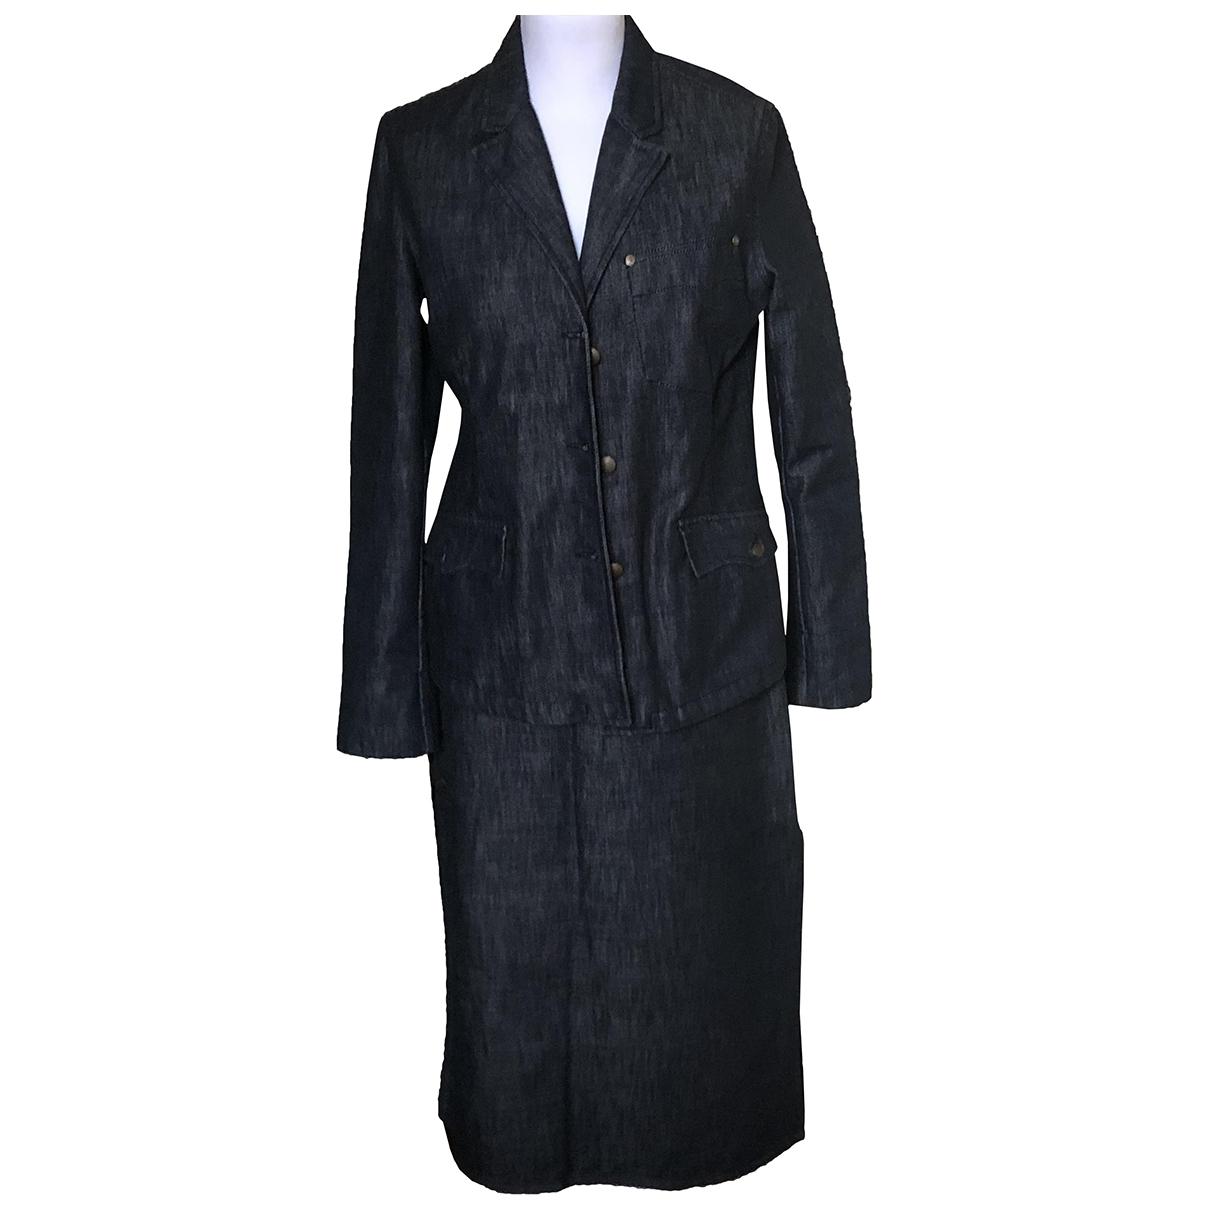 Miu Miu \N Denim - Jeans dress for Women 46 FR